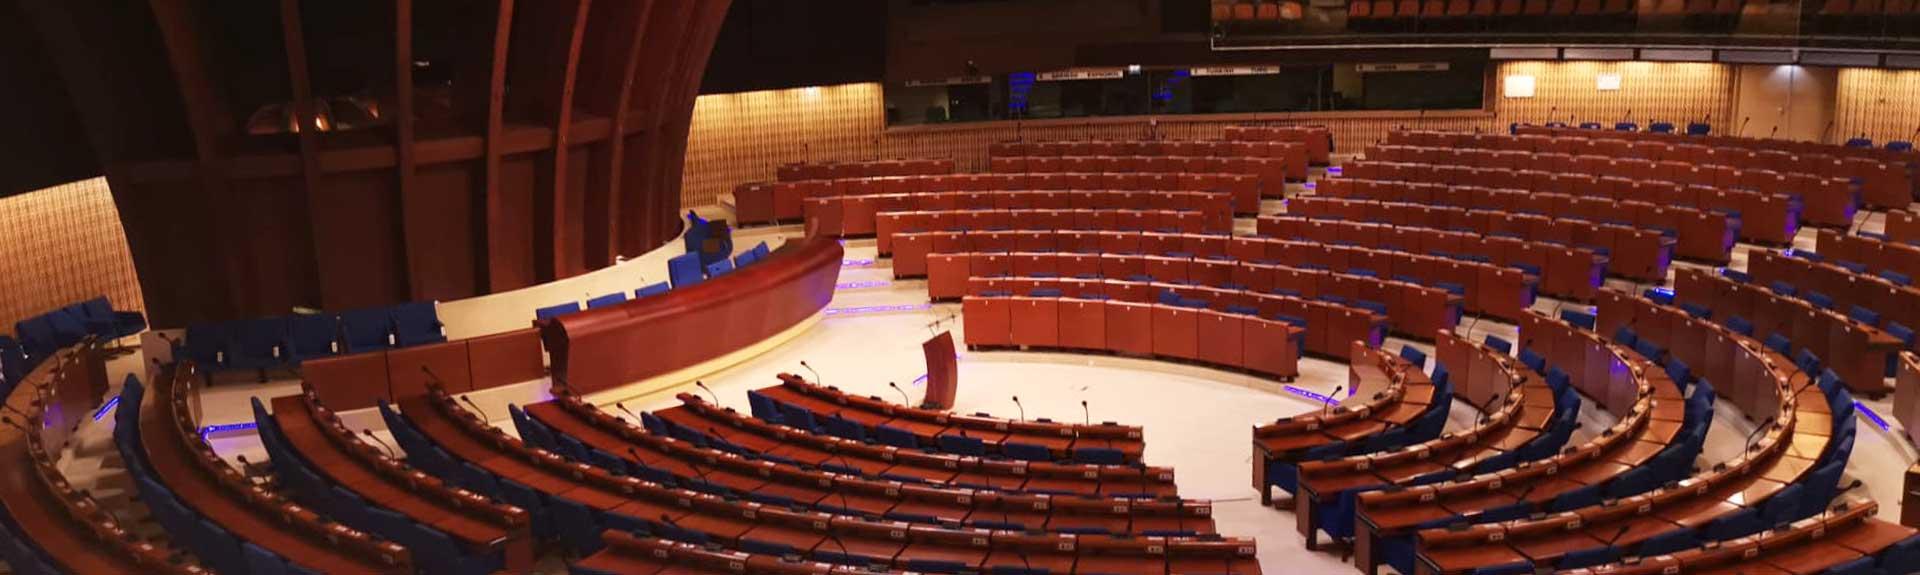 hémicycle de la cour européenne des Droits de l'Homme